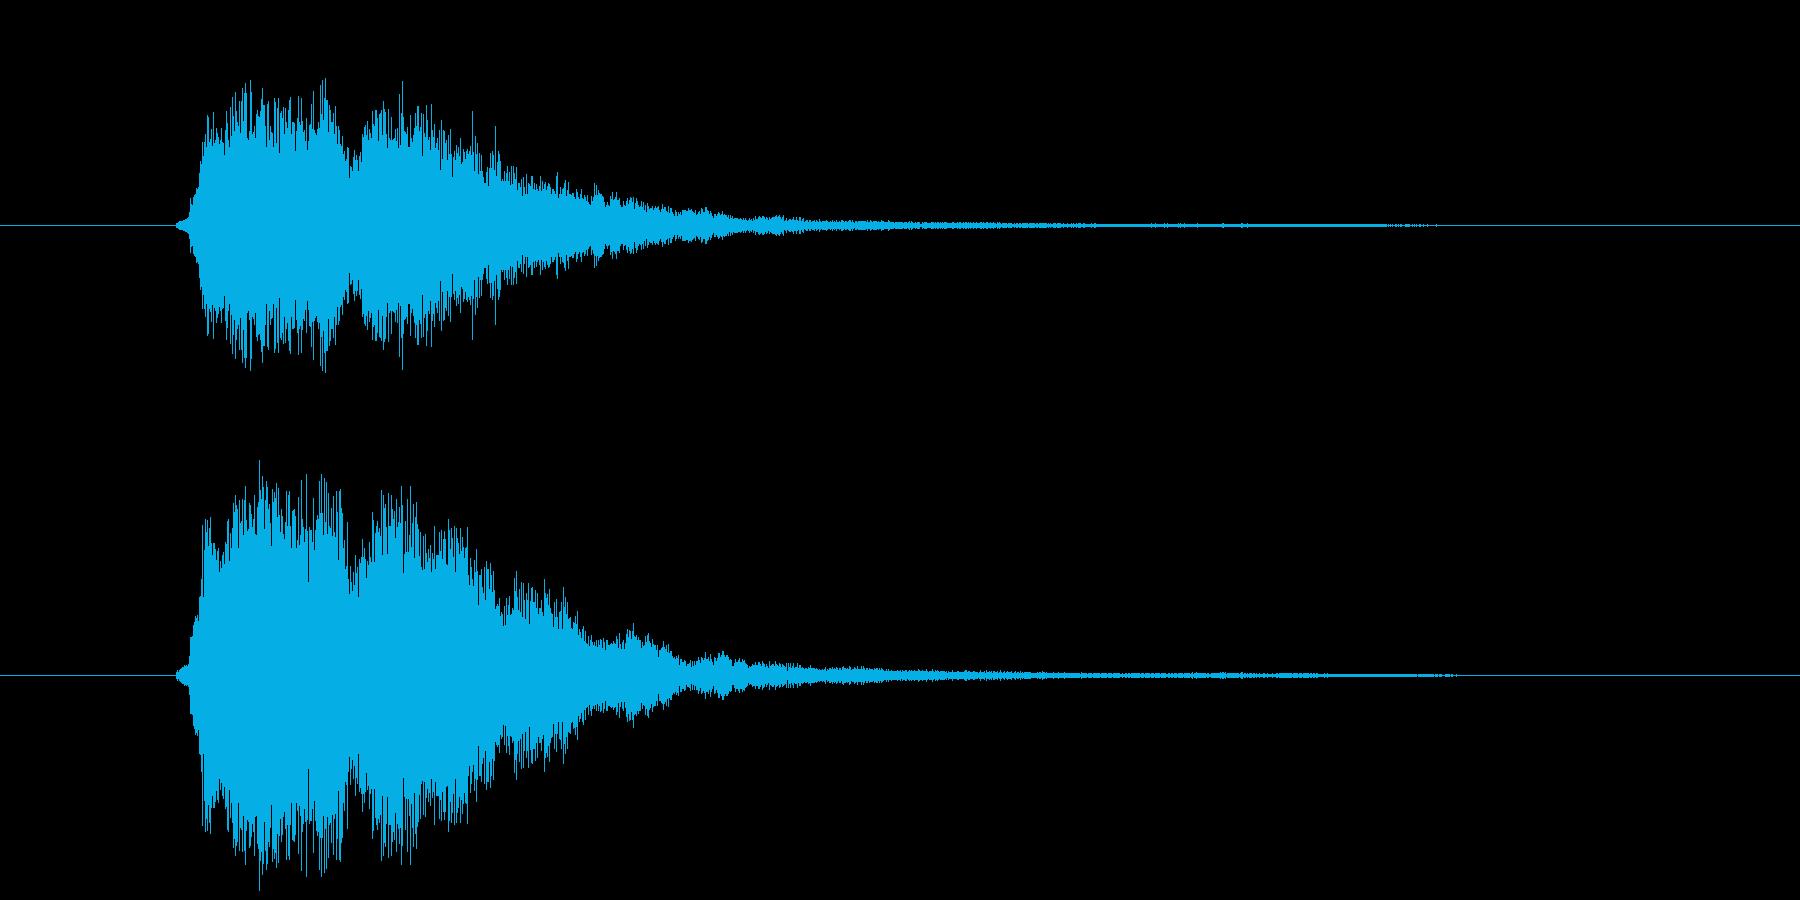 アジアンテイスト(導入)の再生済みの波形